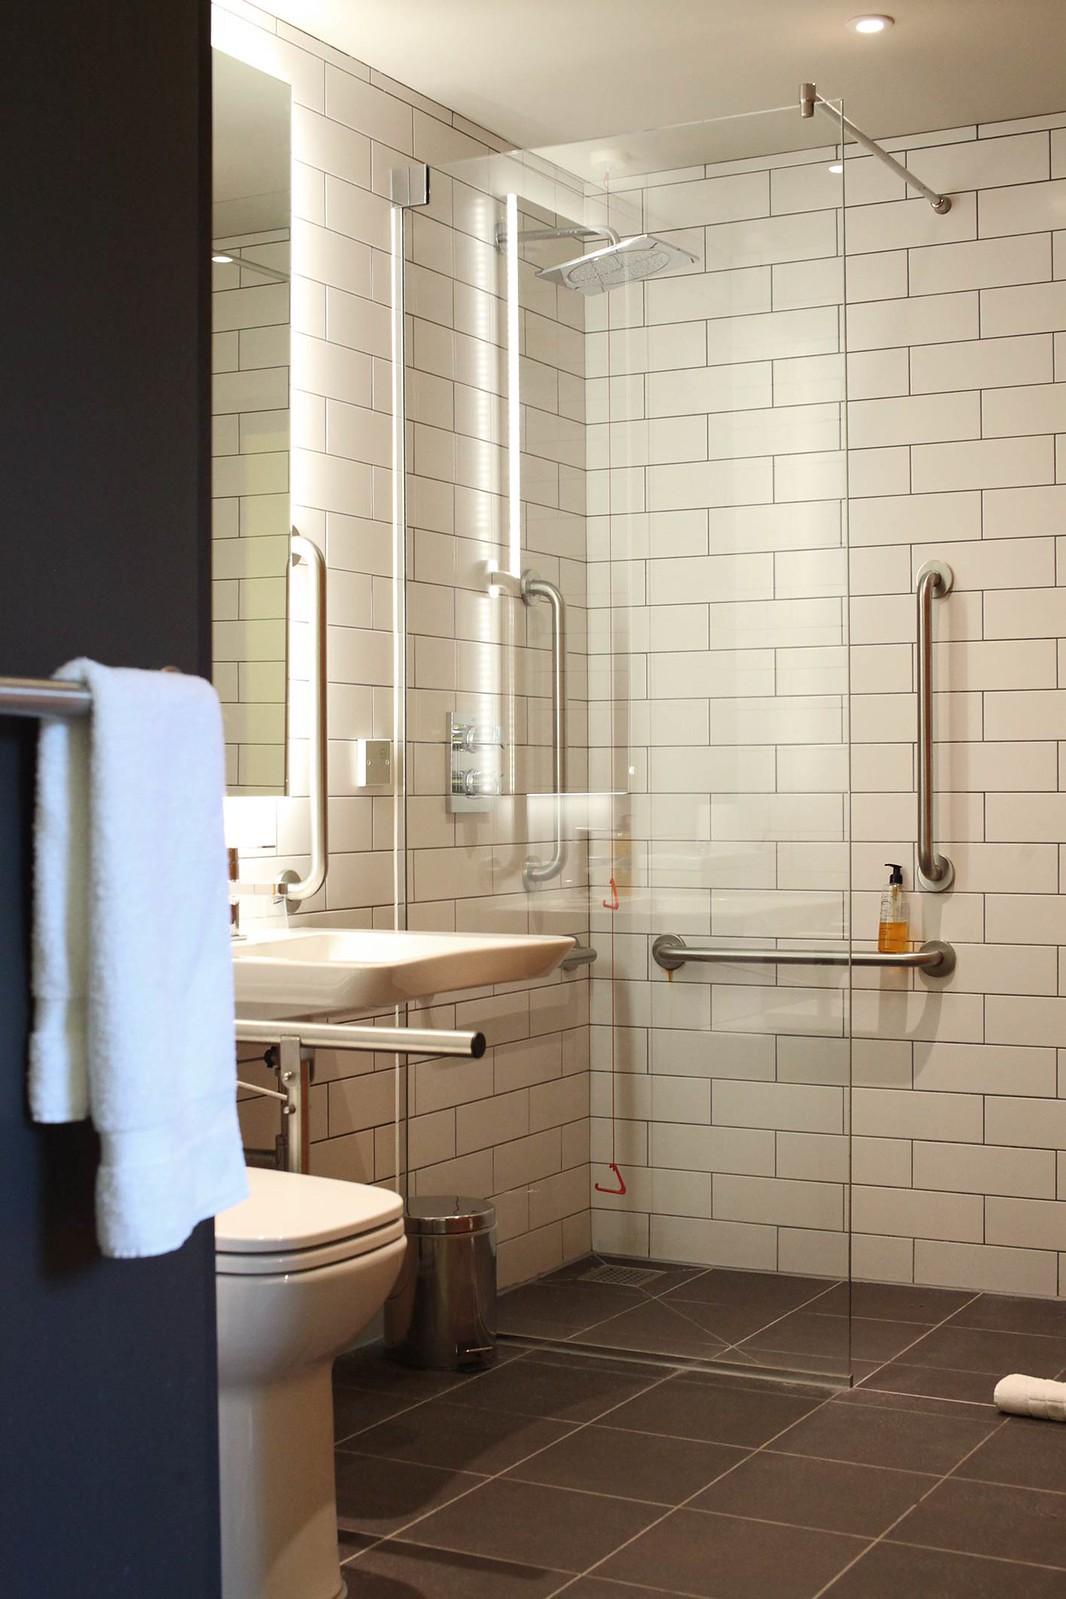 qbic-london-hotel-modern-dutch-design-hotel-room